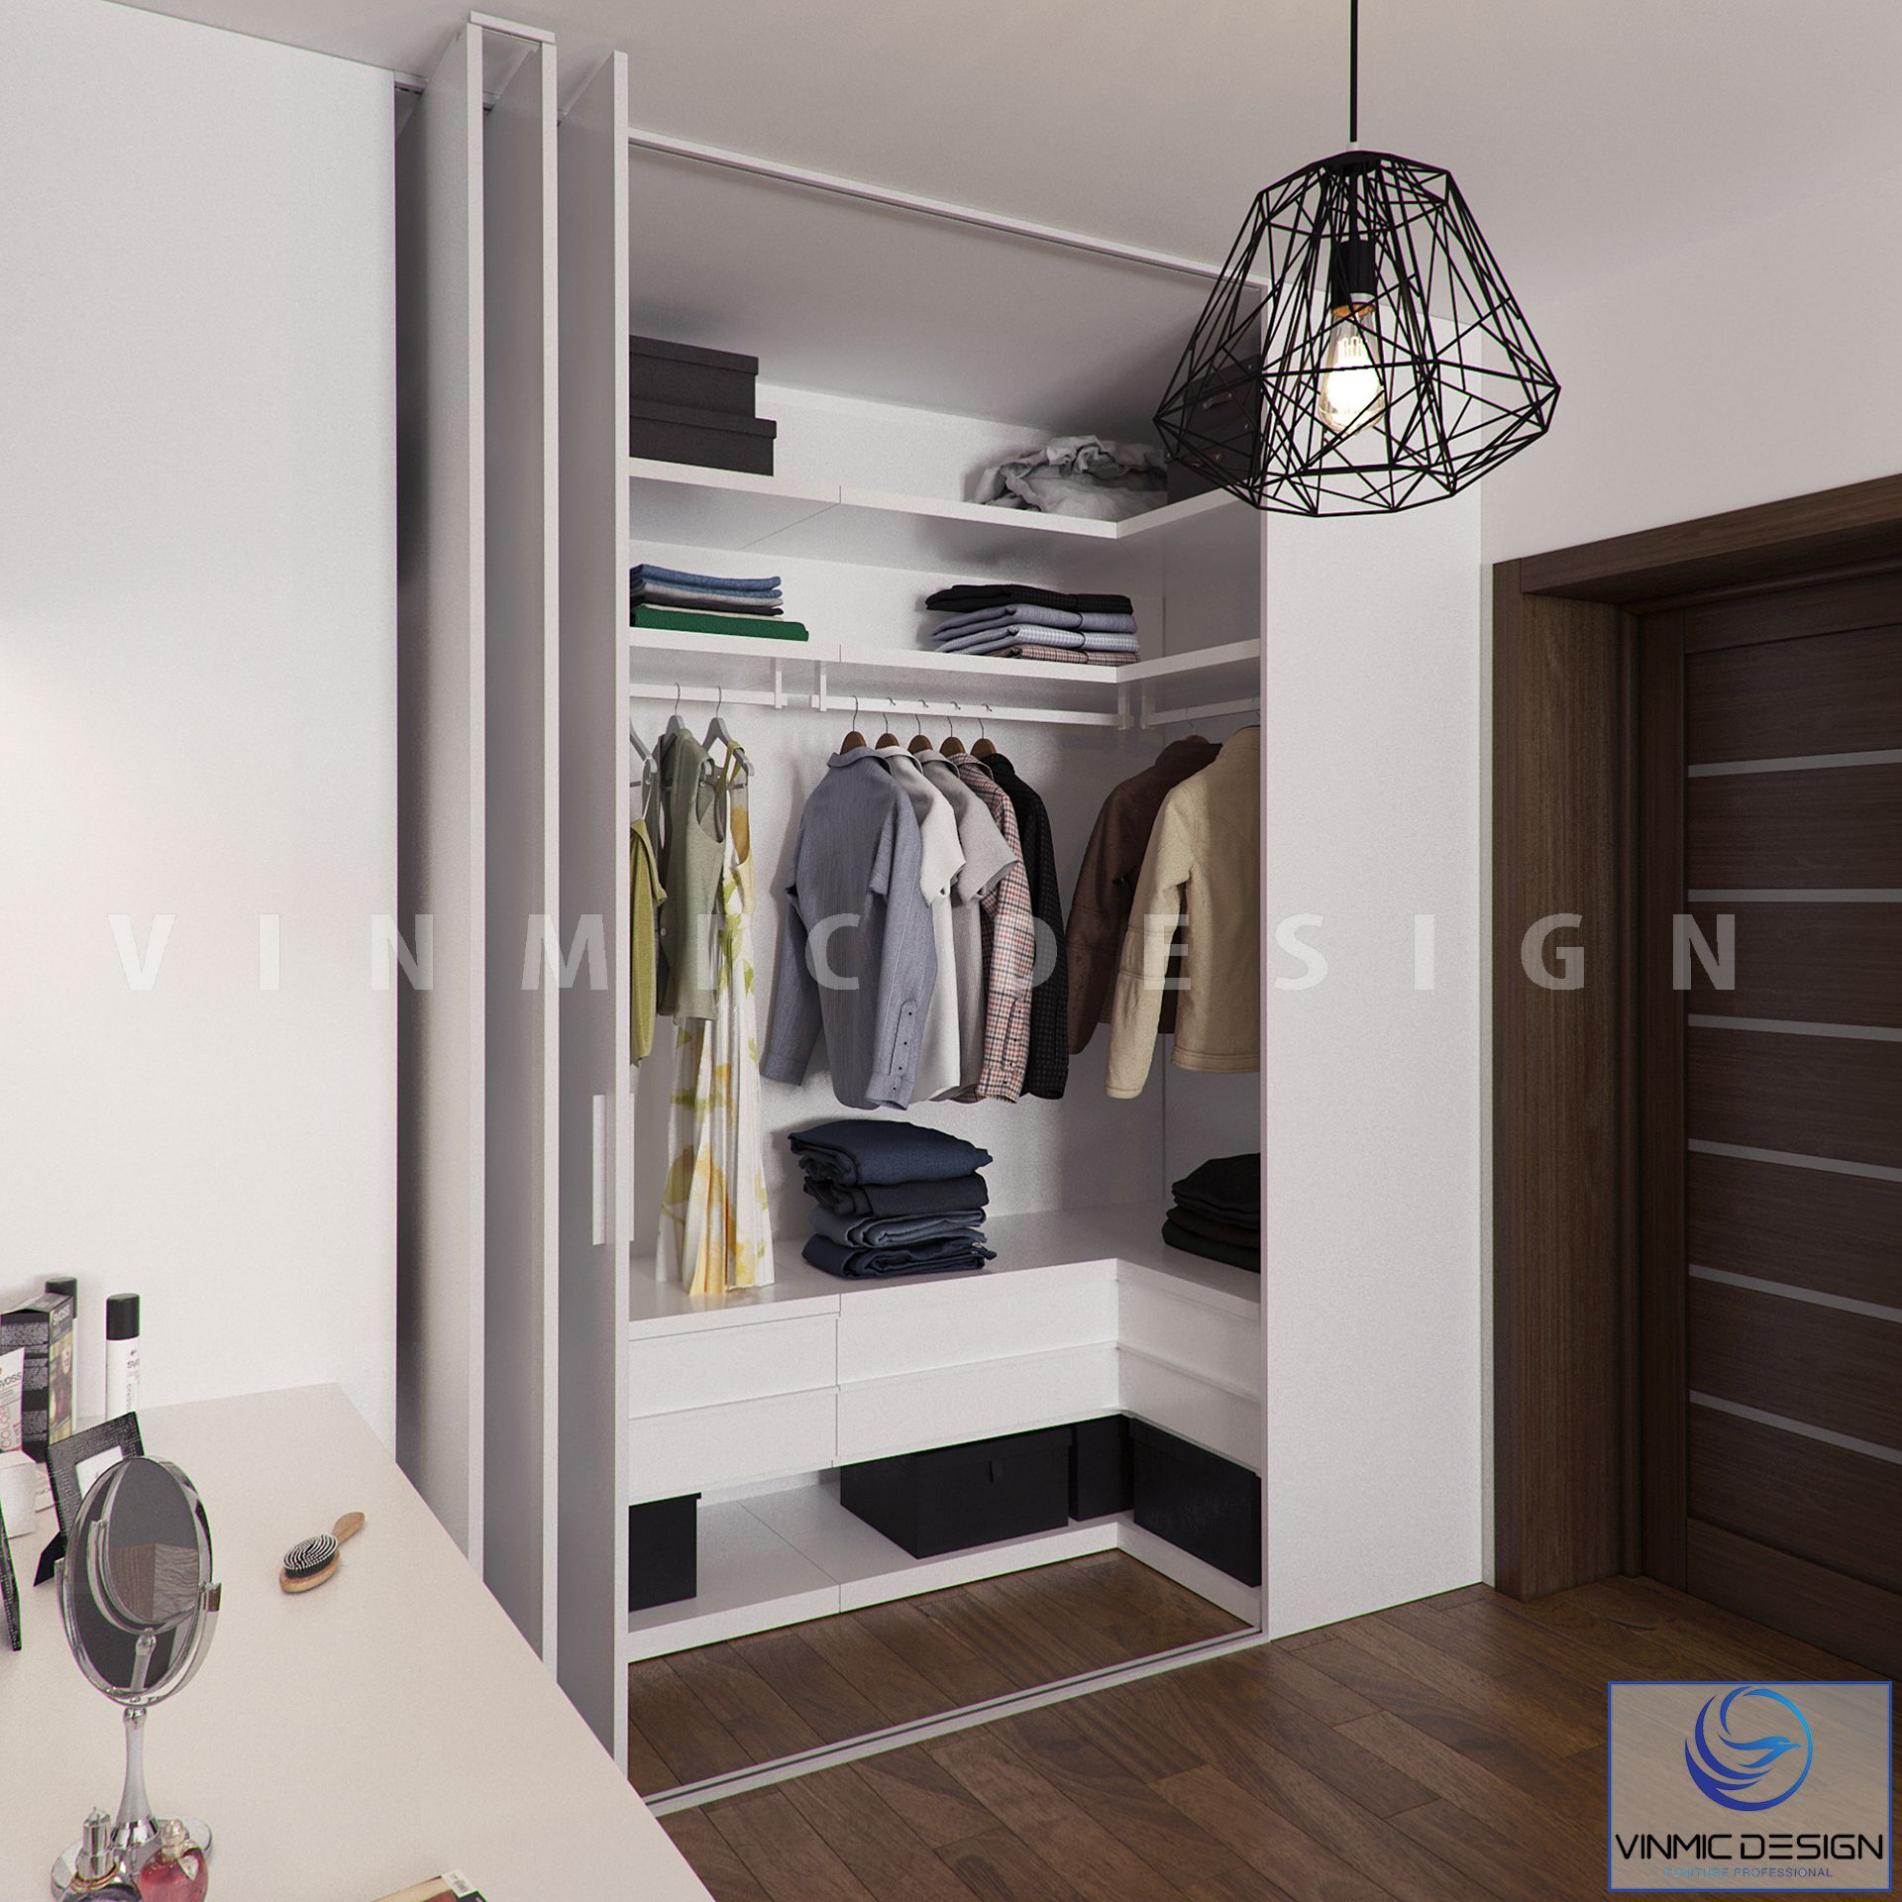 Thiết kế tủ áo hiện đại tông màu sáng